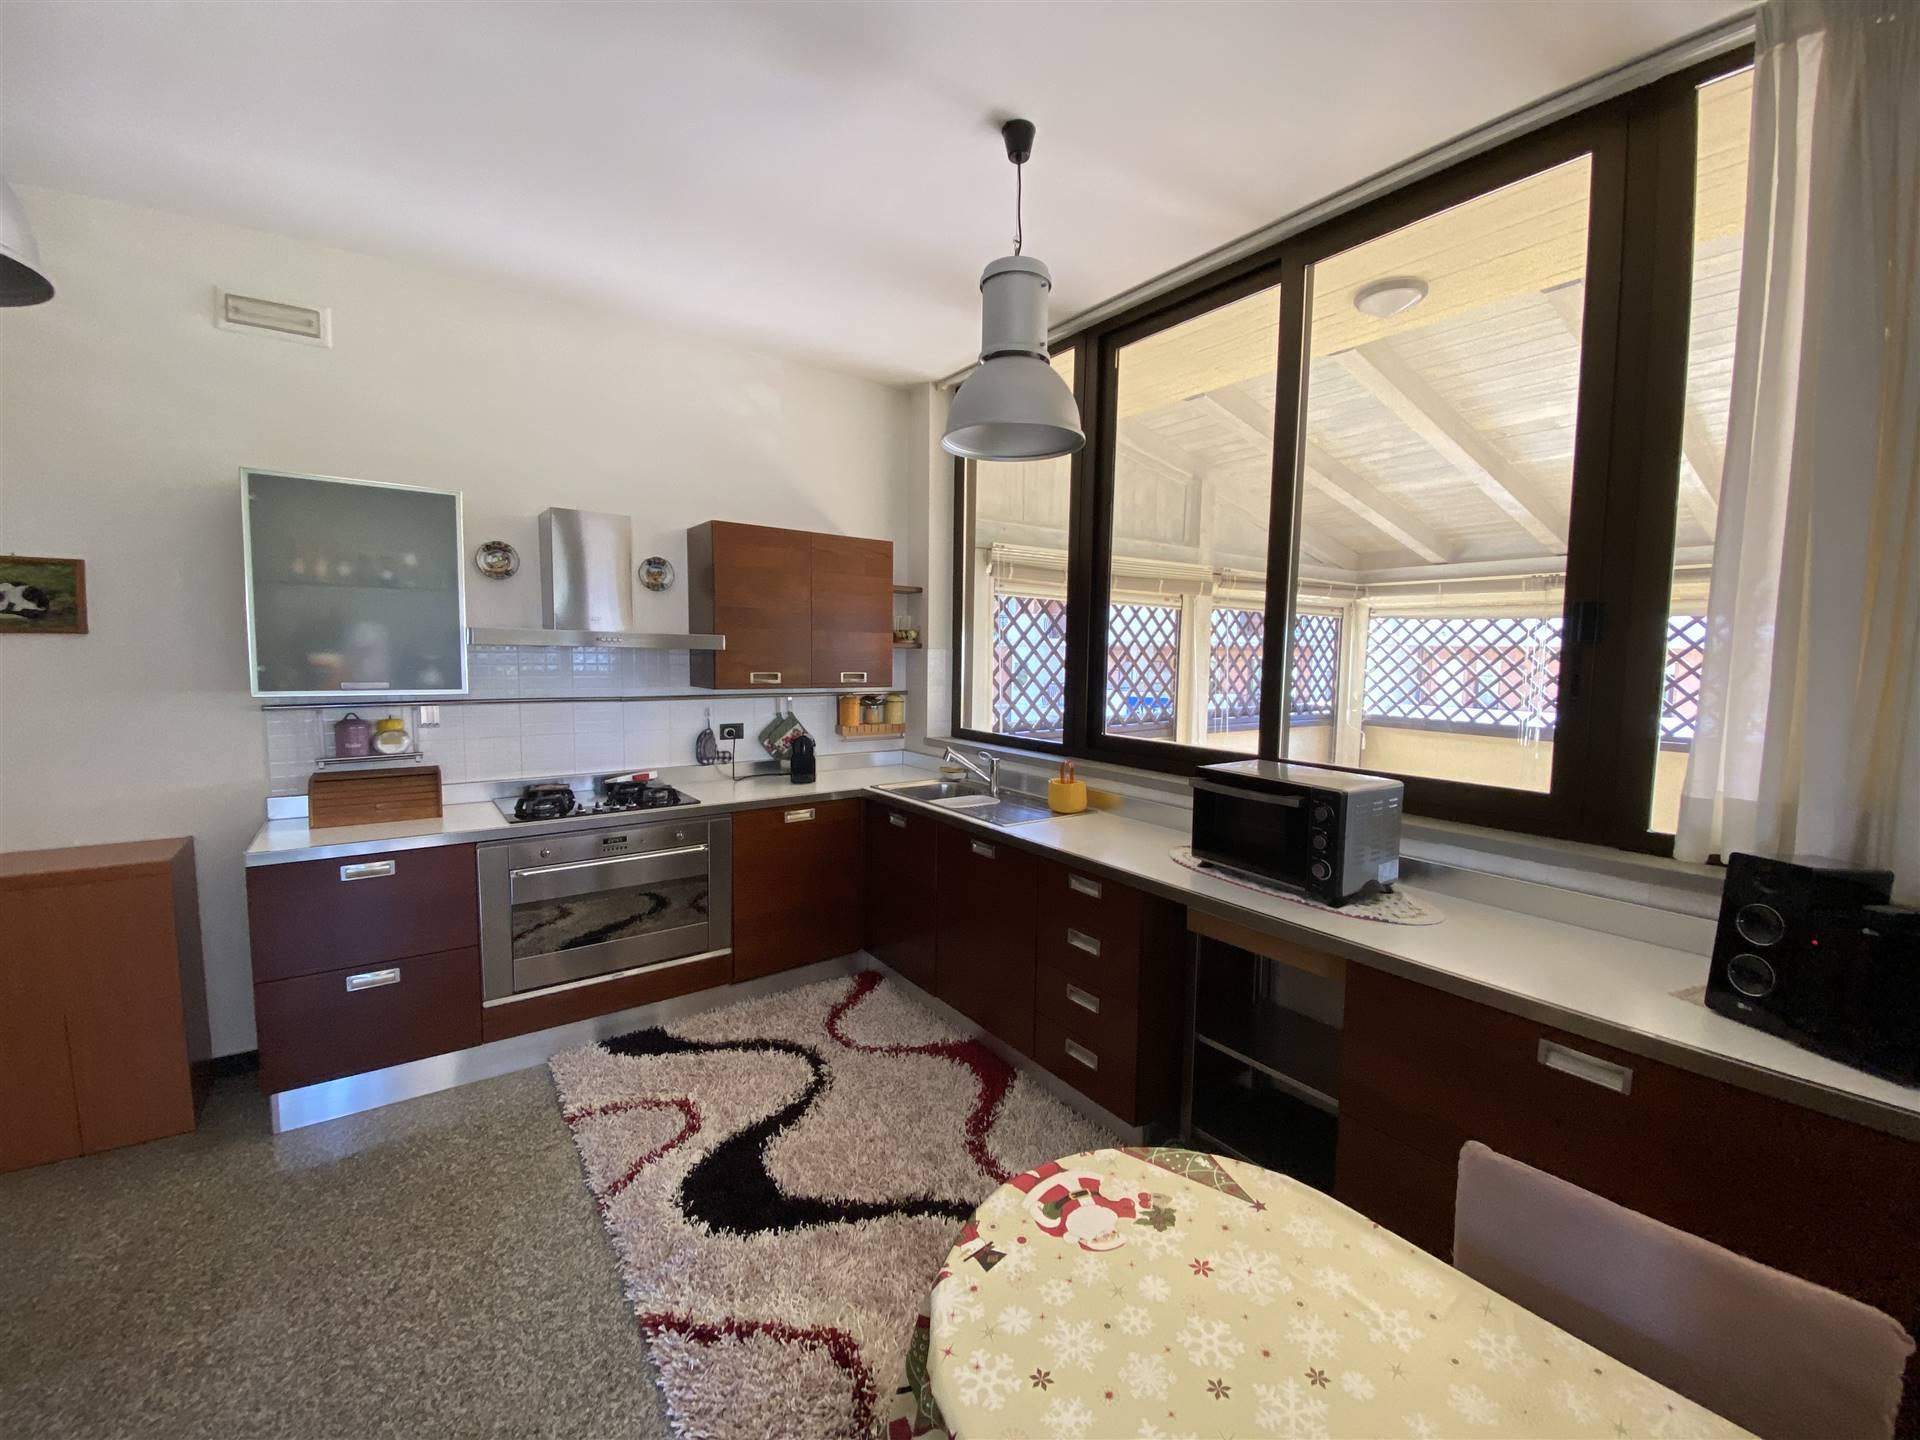 Foto cucina con  soggiorno